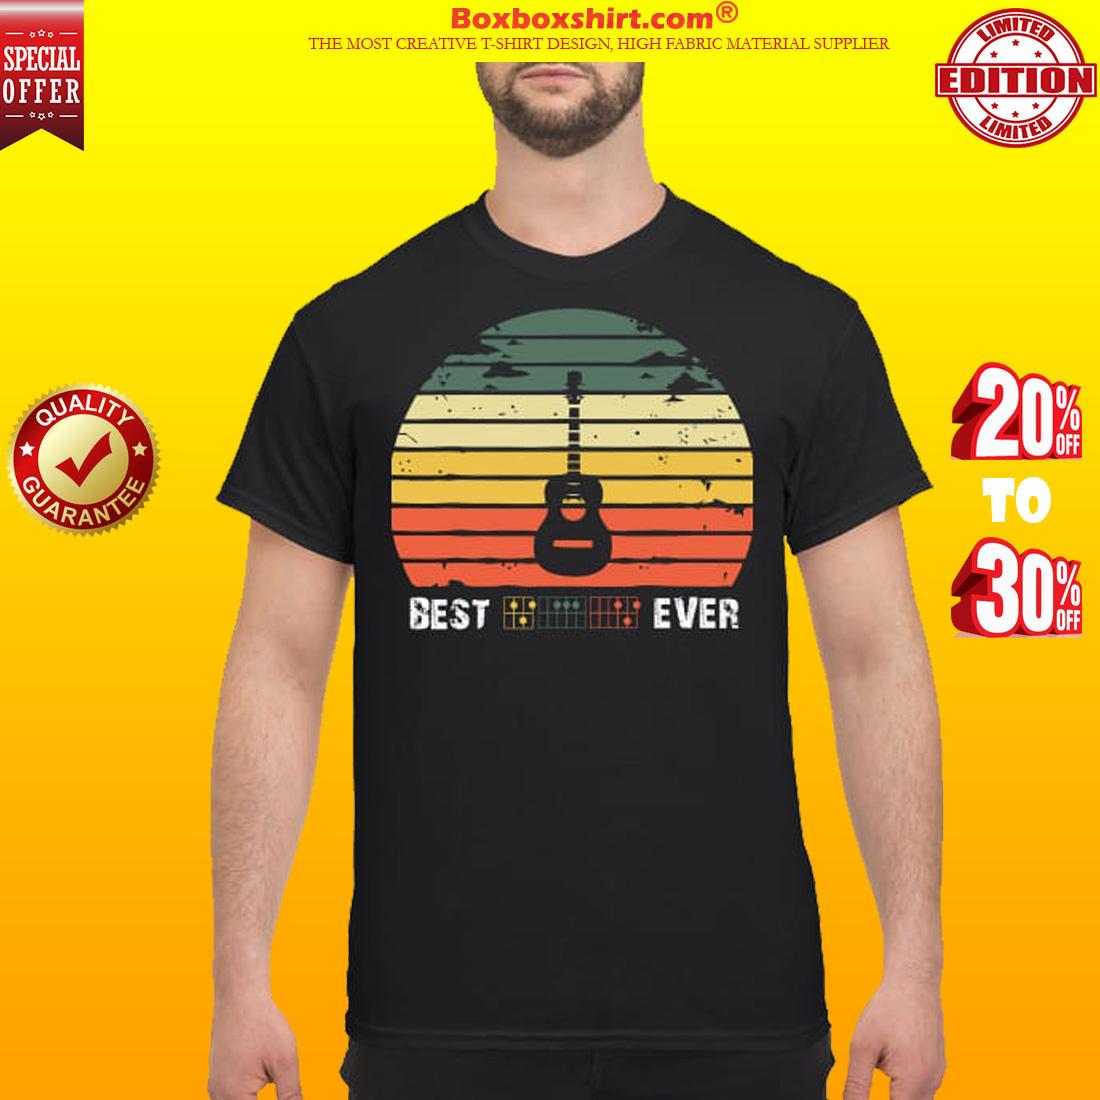 Best guitar ever shirt